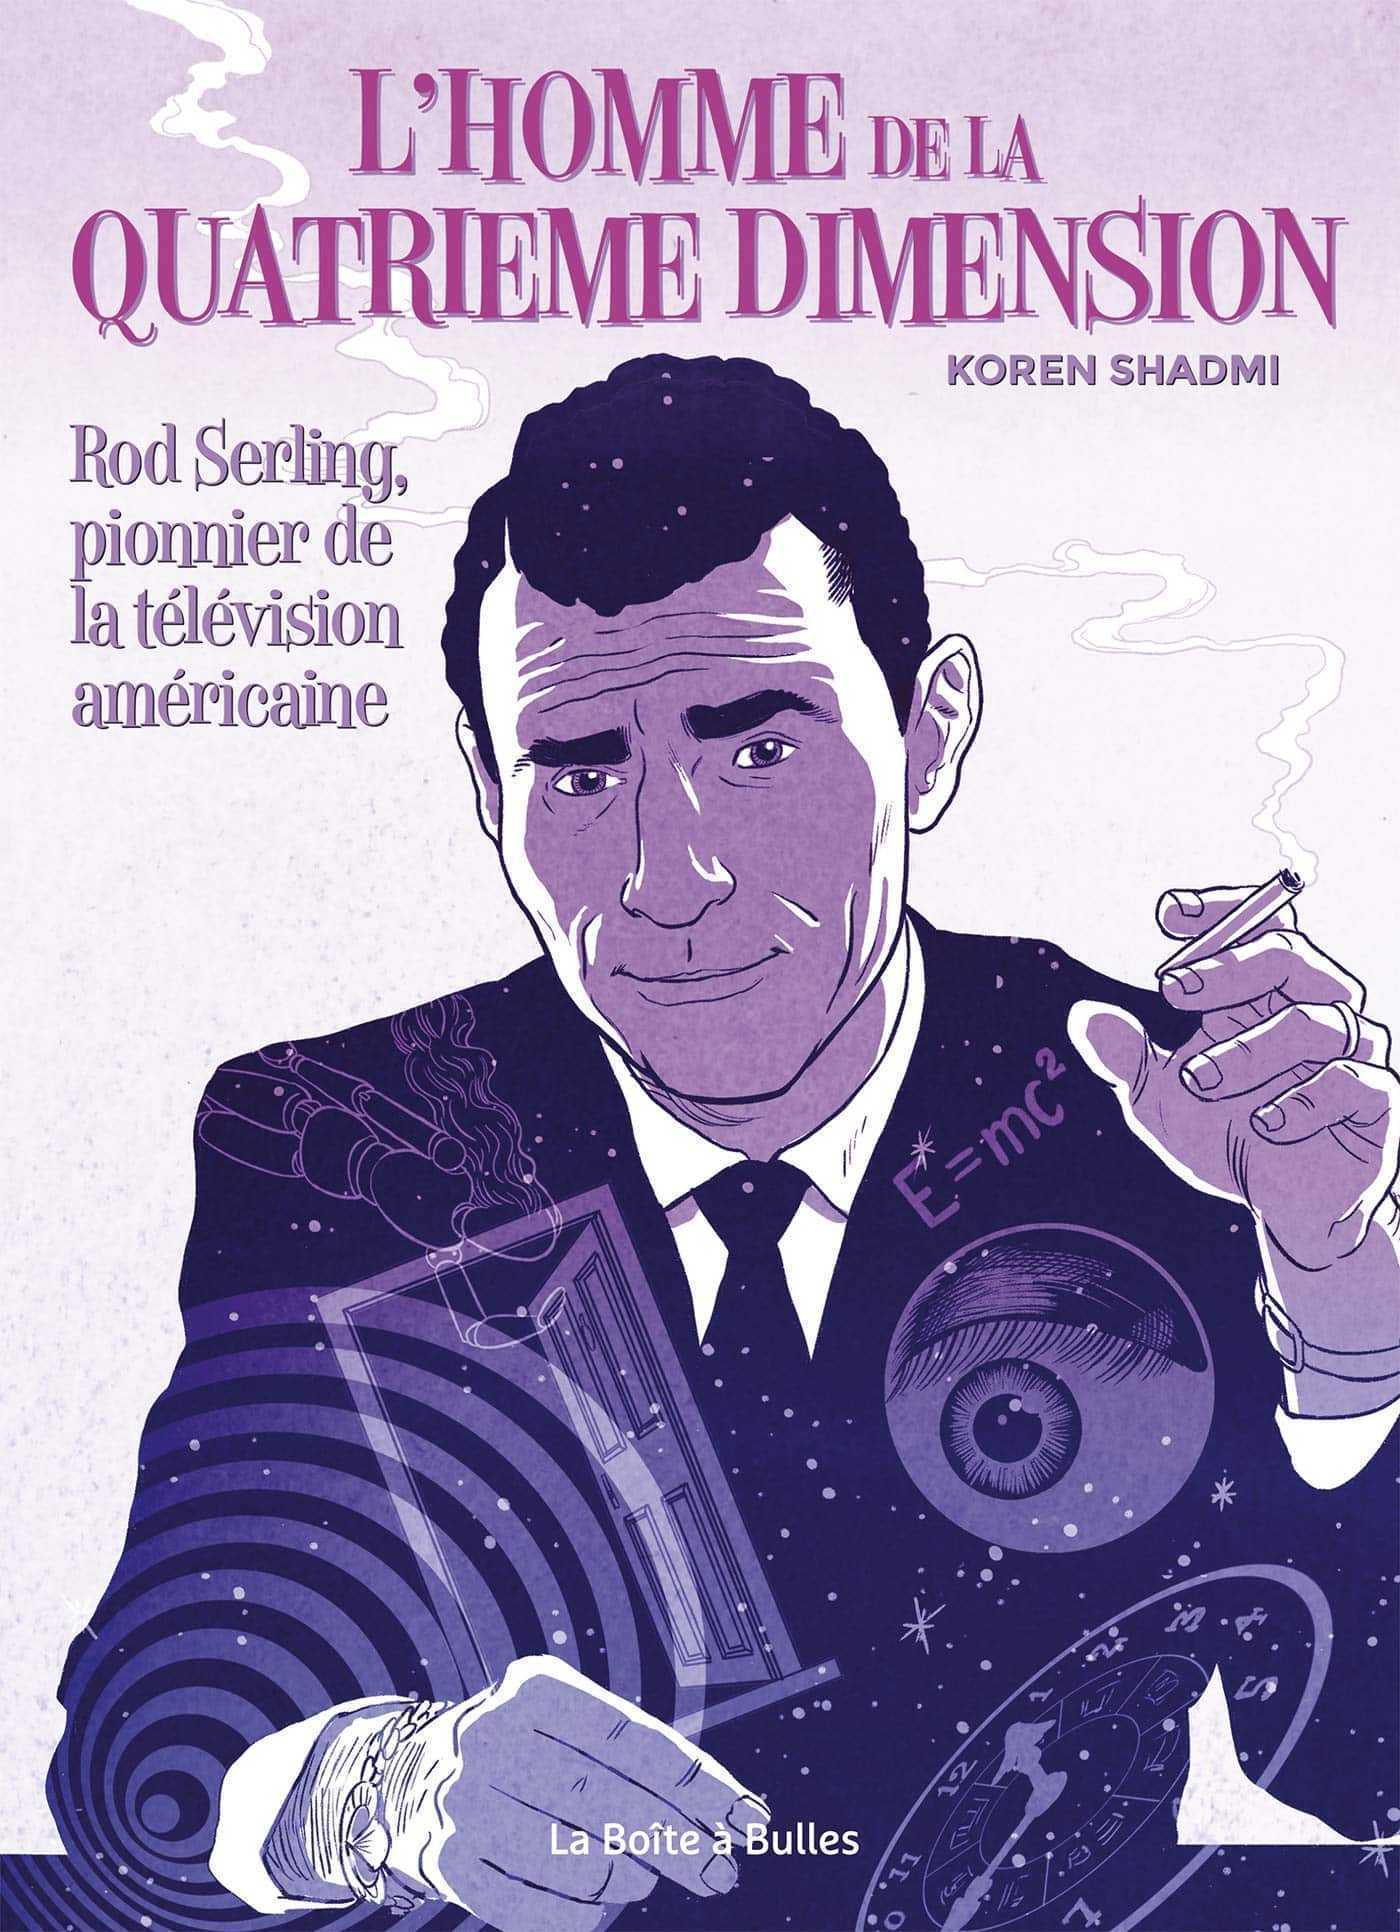 L'Homme de la Quatrième Dimension, un précurseur